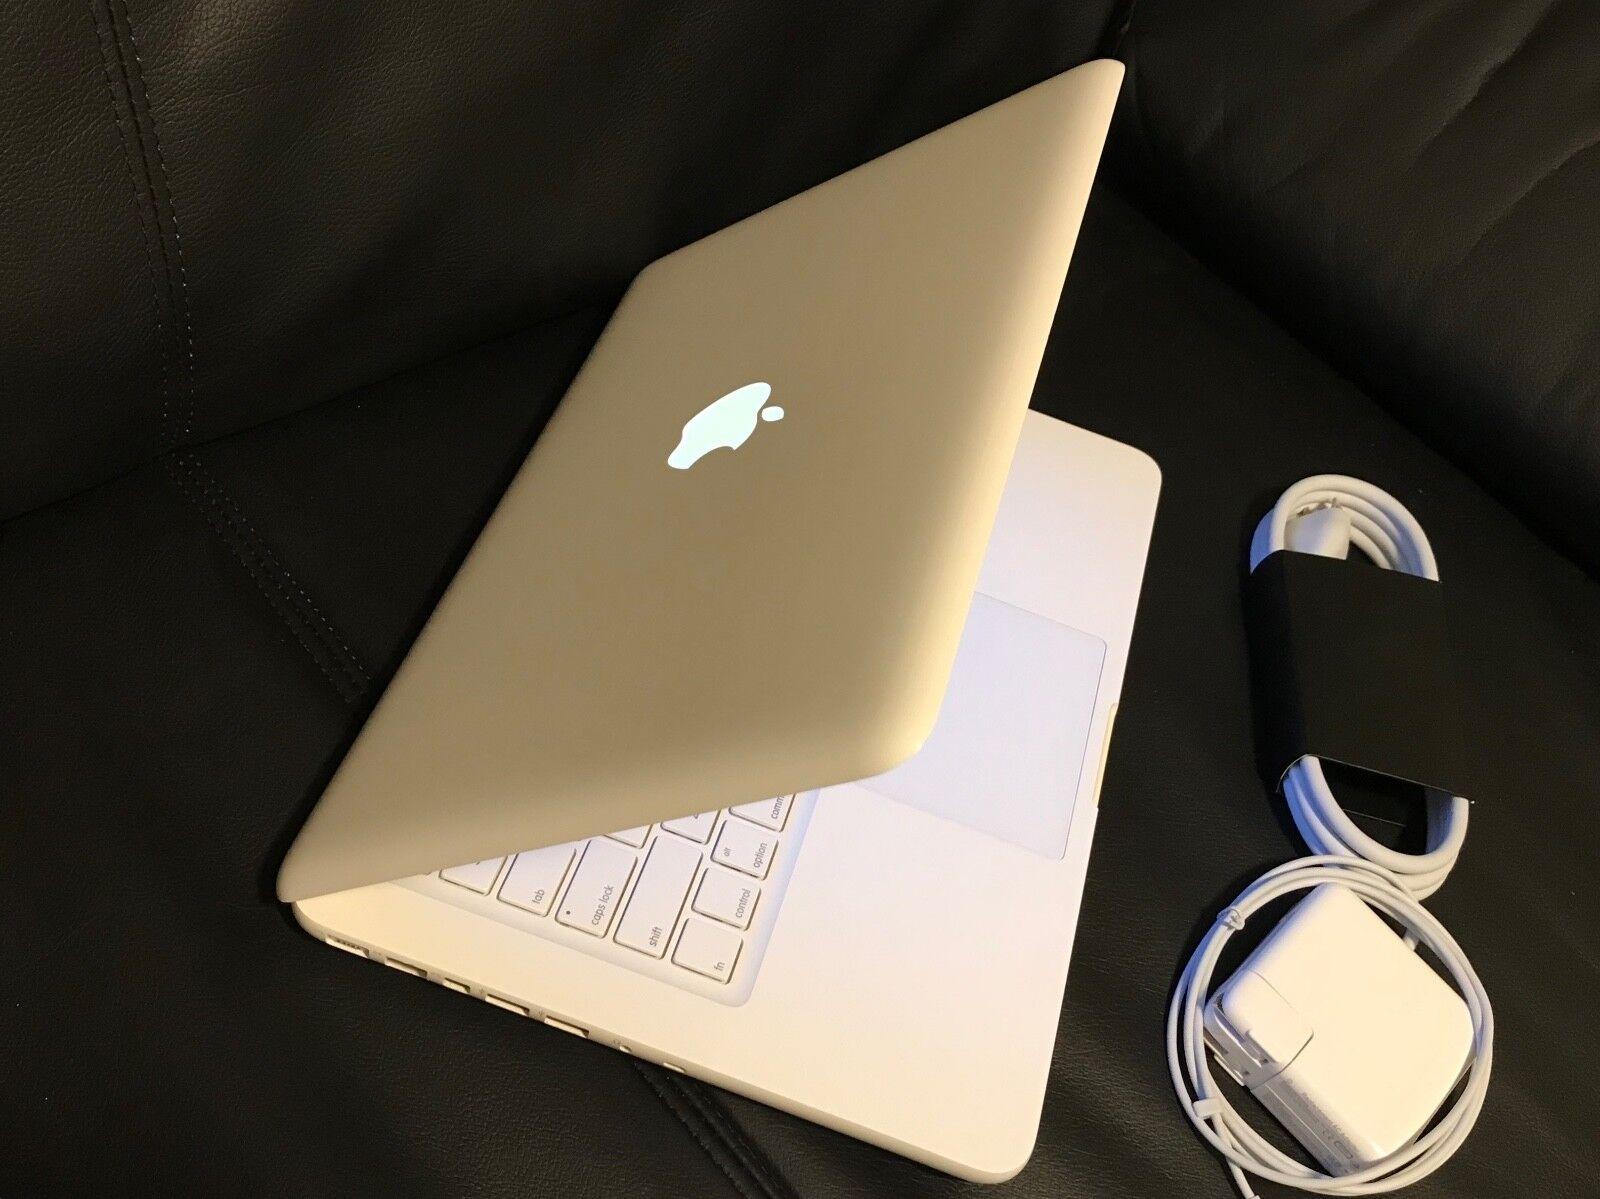 """Apple MacBook White 13"""" MC516LL/A 250GB HDD Intel 2.40GHz 4GB LATEST MAC OS 2017"""